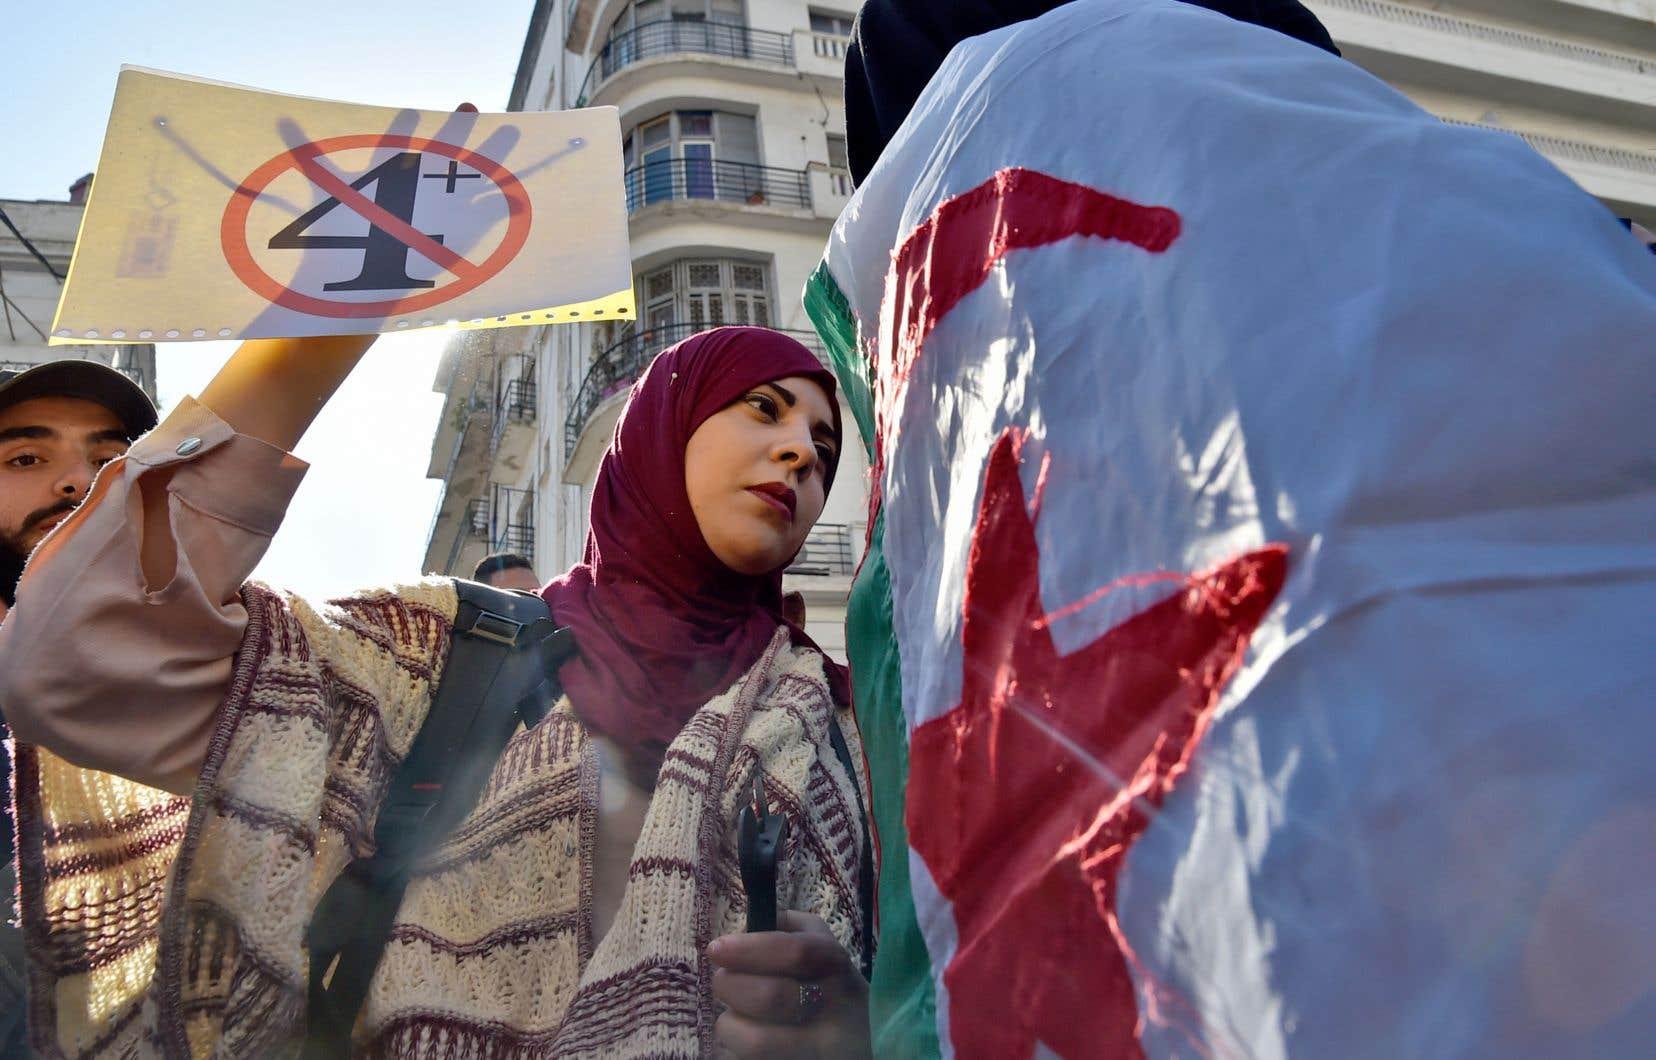 Sur de nombreuses pancartes, le «5» cerclé et barré de rouge, emblème de la contestation initiale contre un 5e mandat, a laissé la place à un «4 +», refus du prolongement de l'actuel mandat de M. Bouteflika, qui expire le 28 avril.